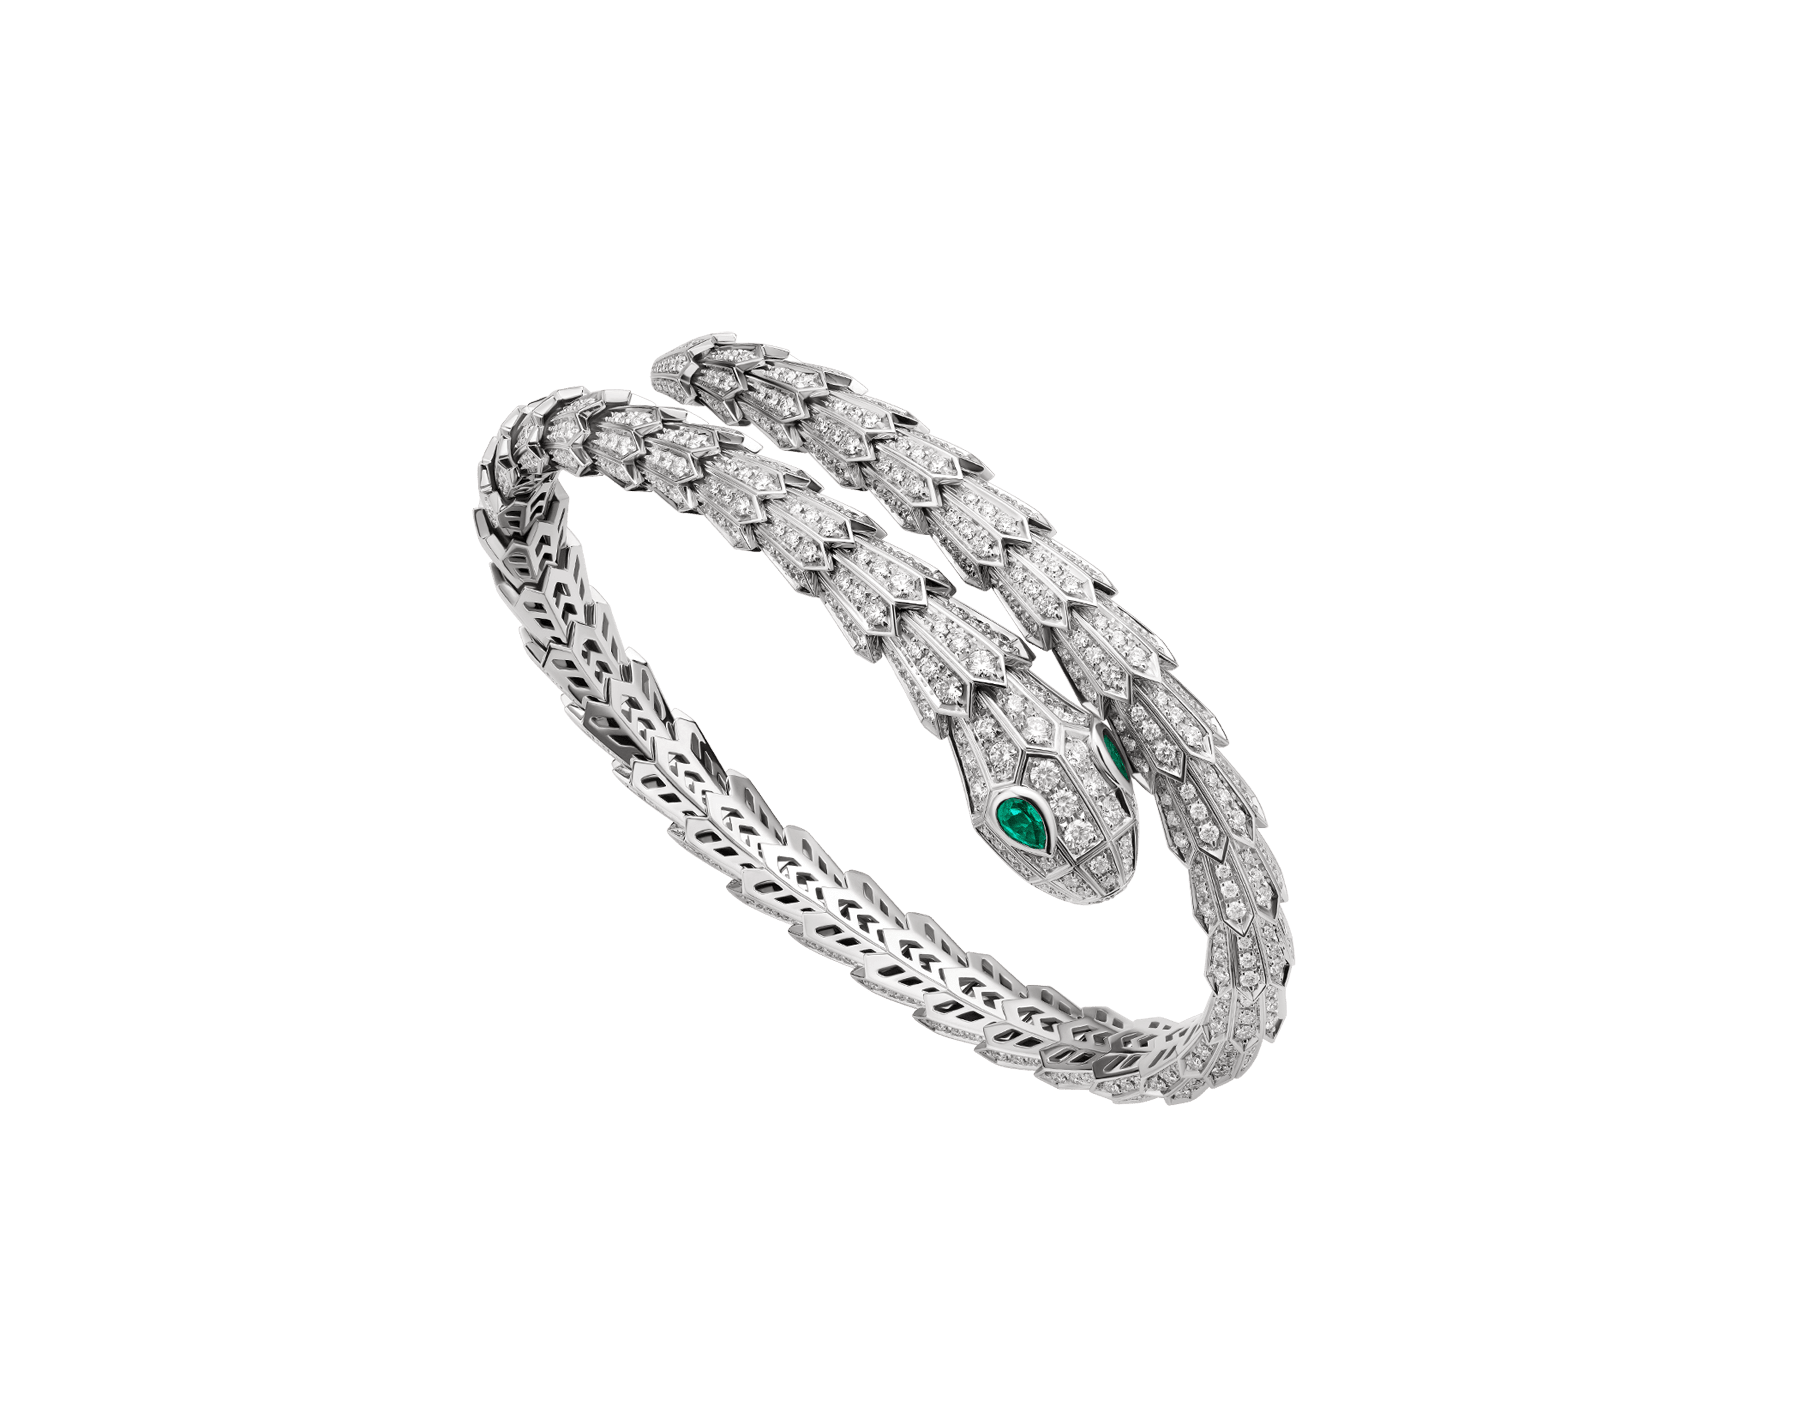 Pulseira Serpenti em ouro branco 18K cravejada com pavê de diamantes (4,19 ct) e dois olhos de esmeralda (0,26 ct) BR858734 image 1